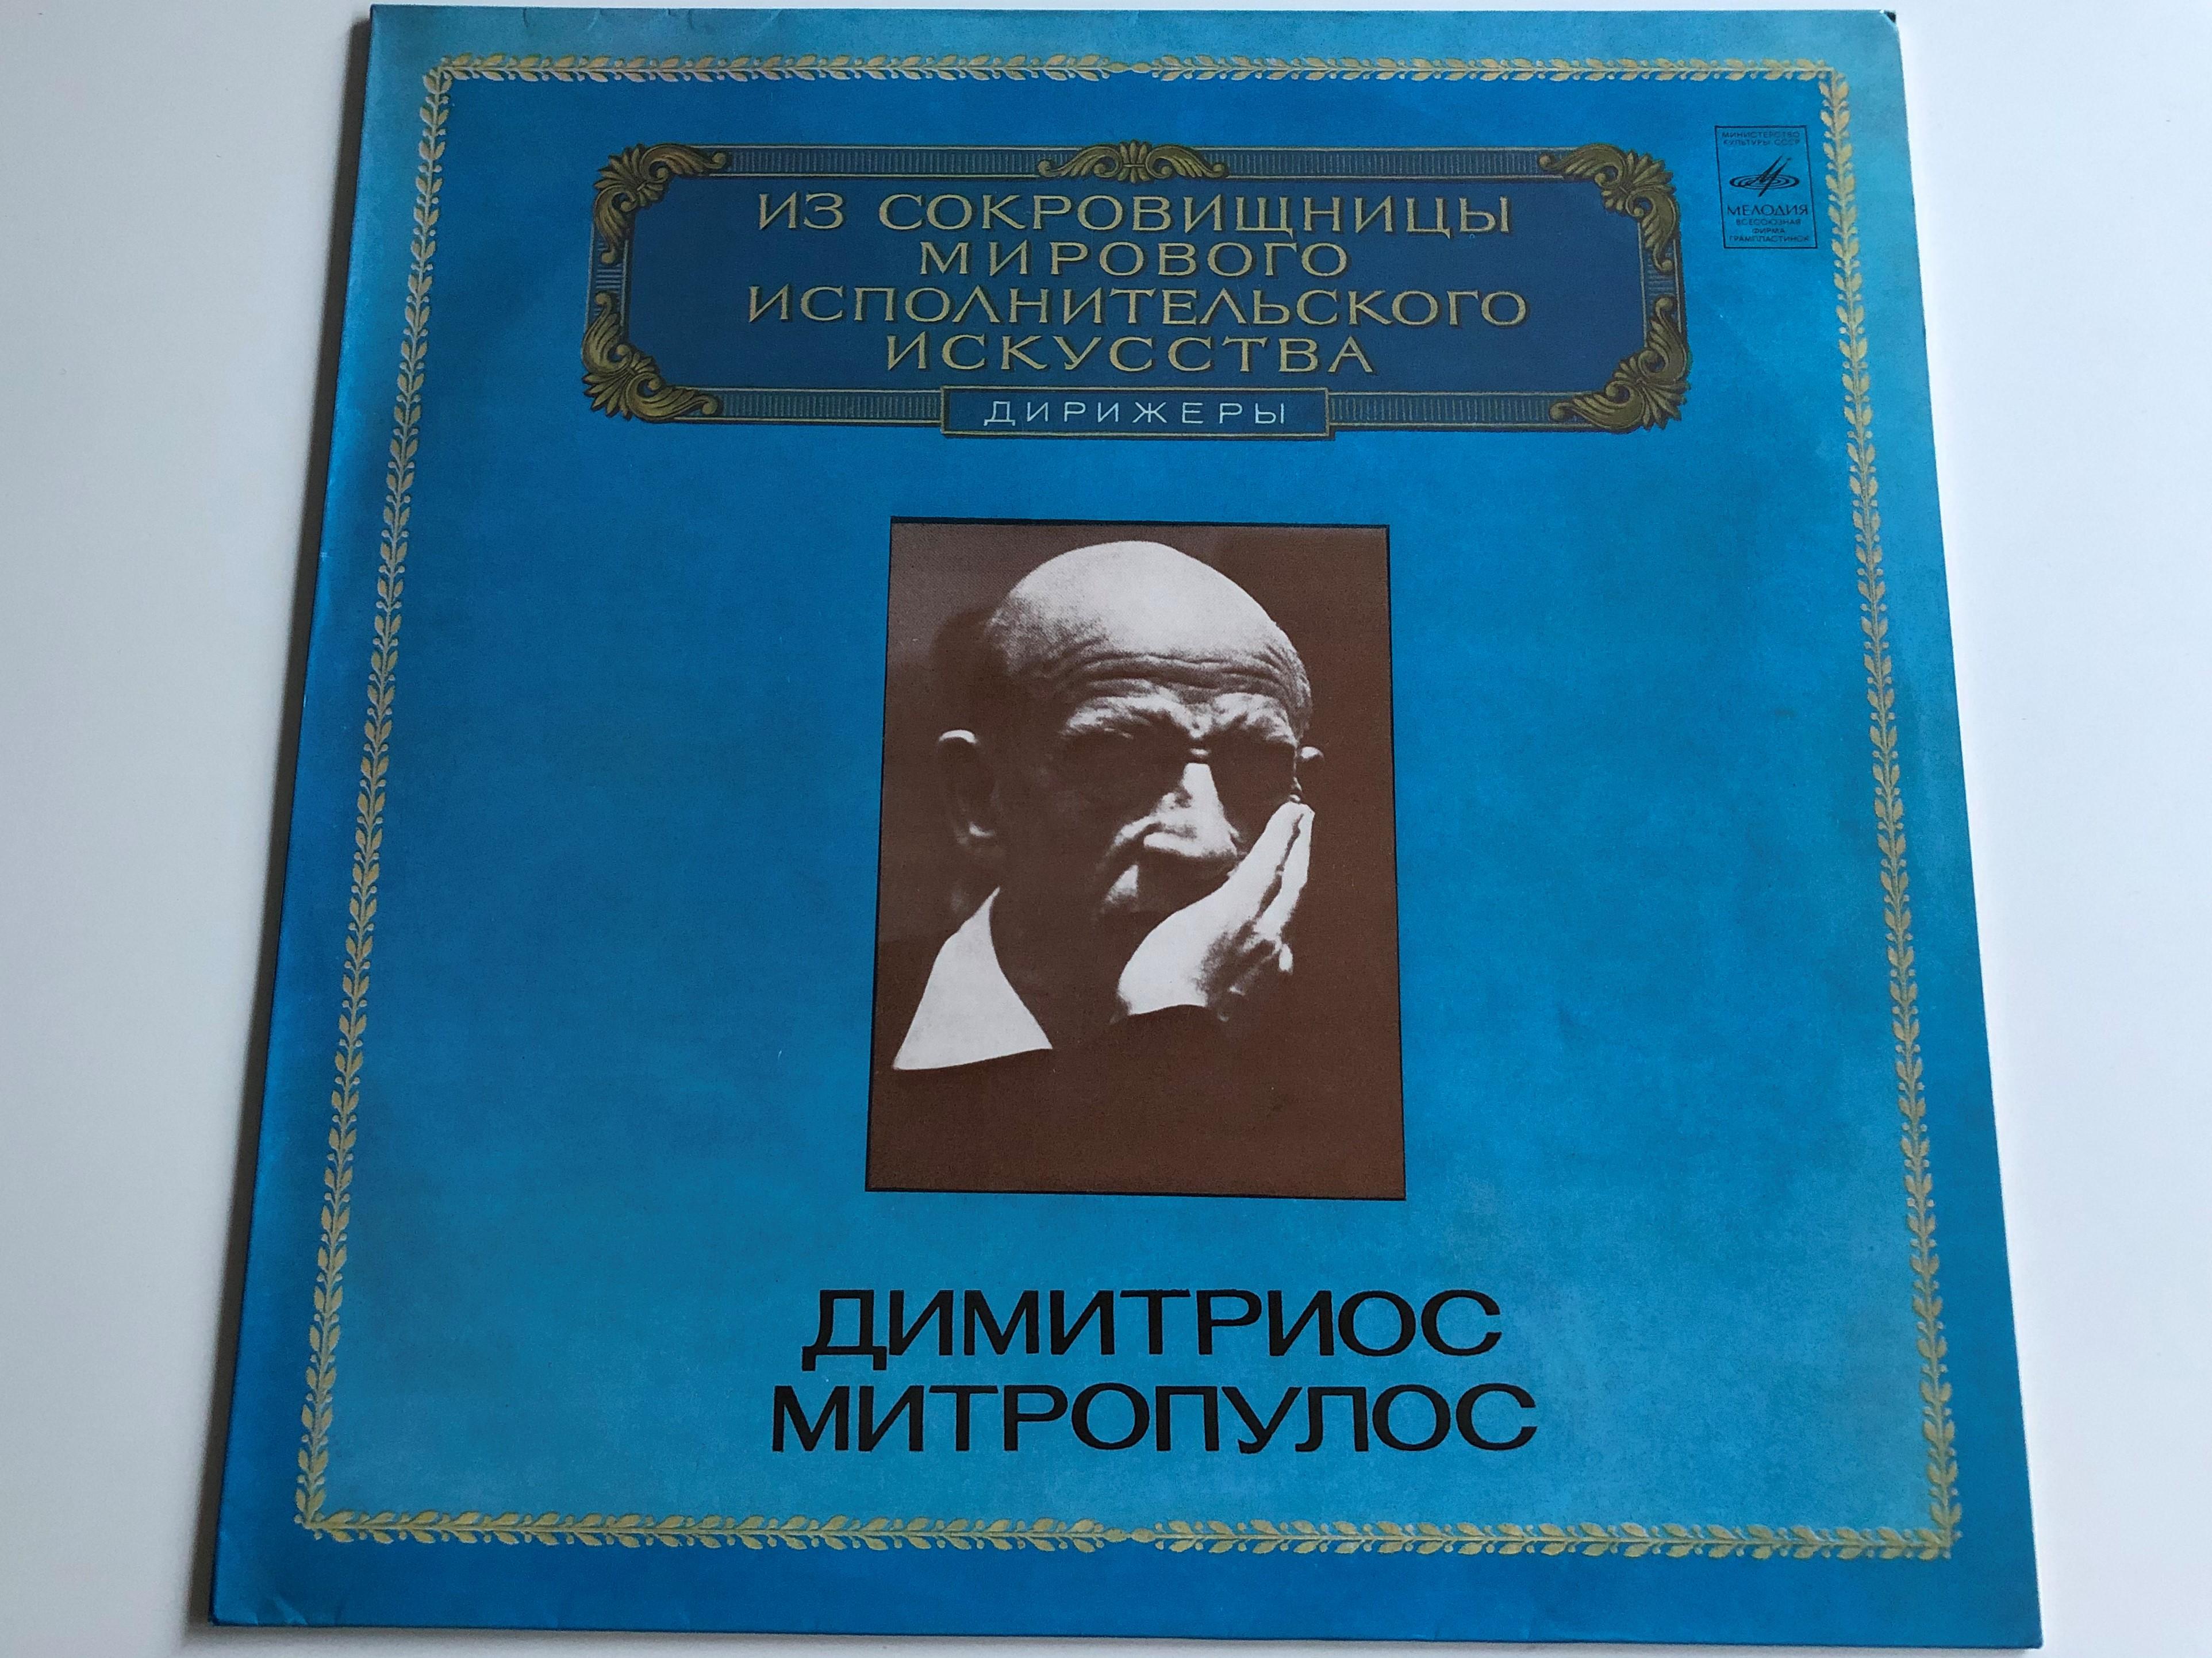 -.-symphonie-fantastique-lp-stereo-c10-1-.jpg